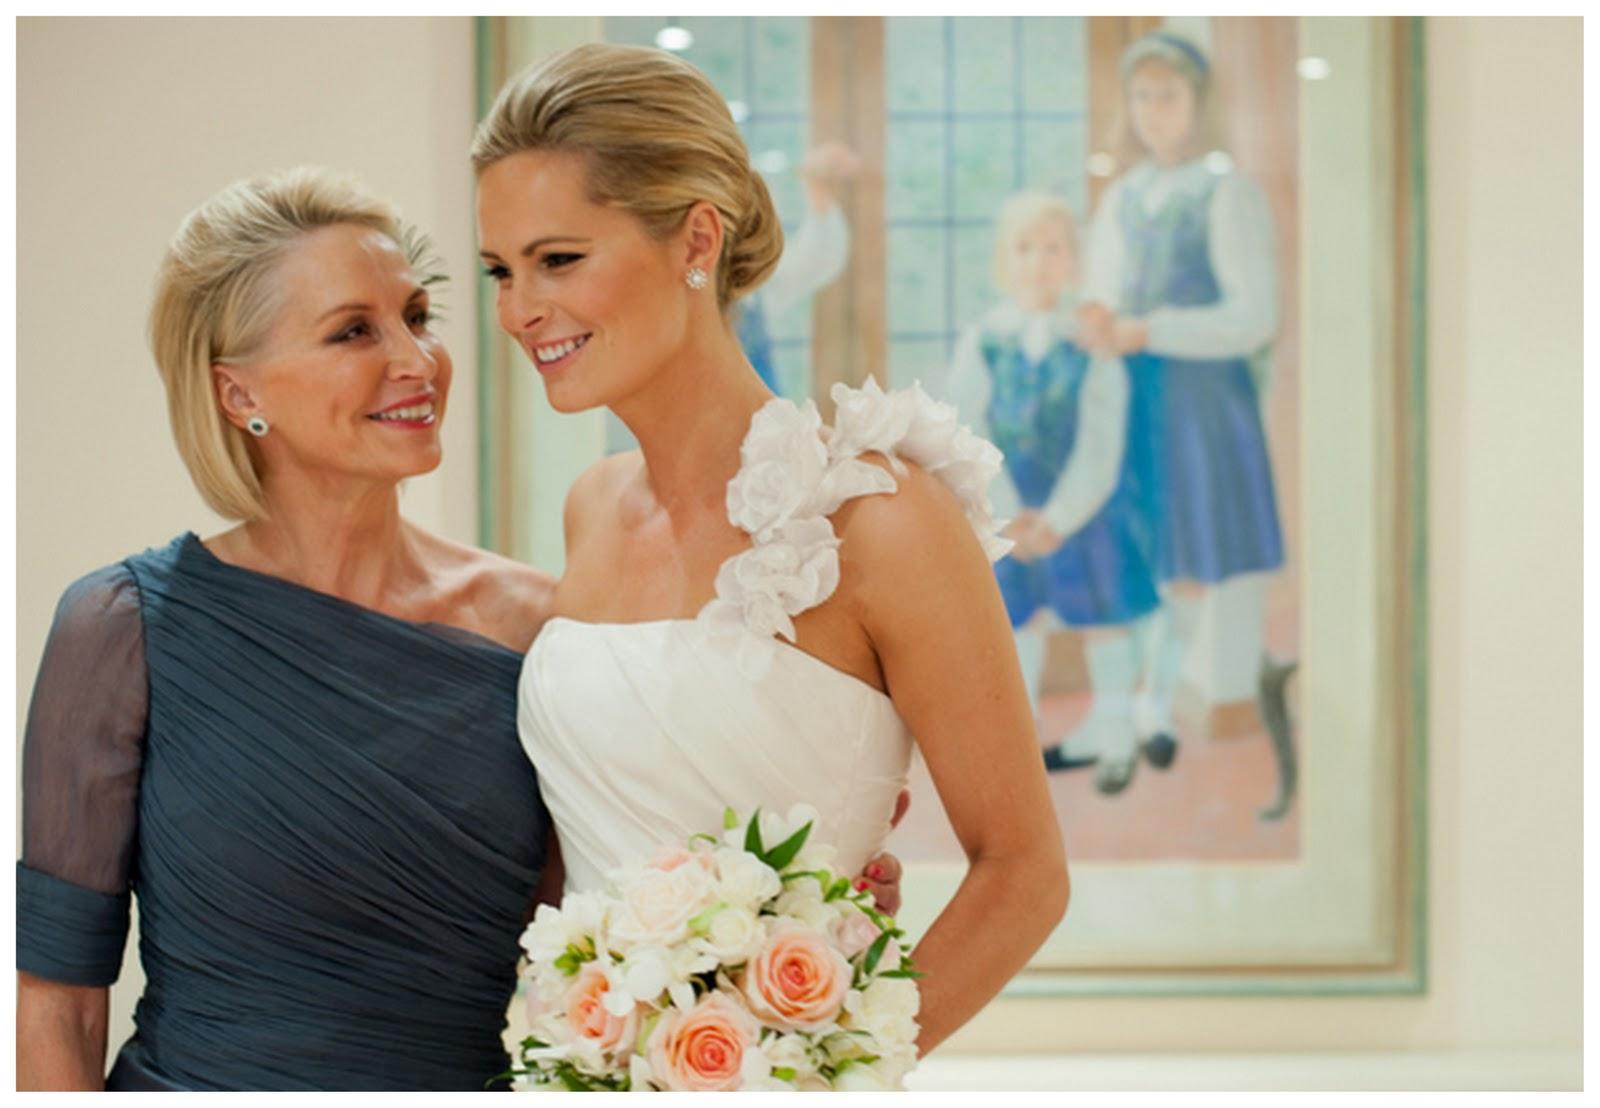 Что одеть маме на свадьбу дочери - советы по выбору фасона, модели 97